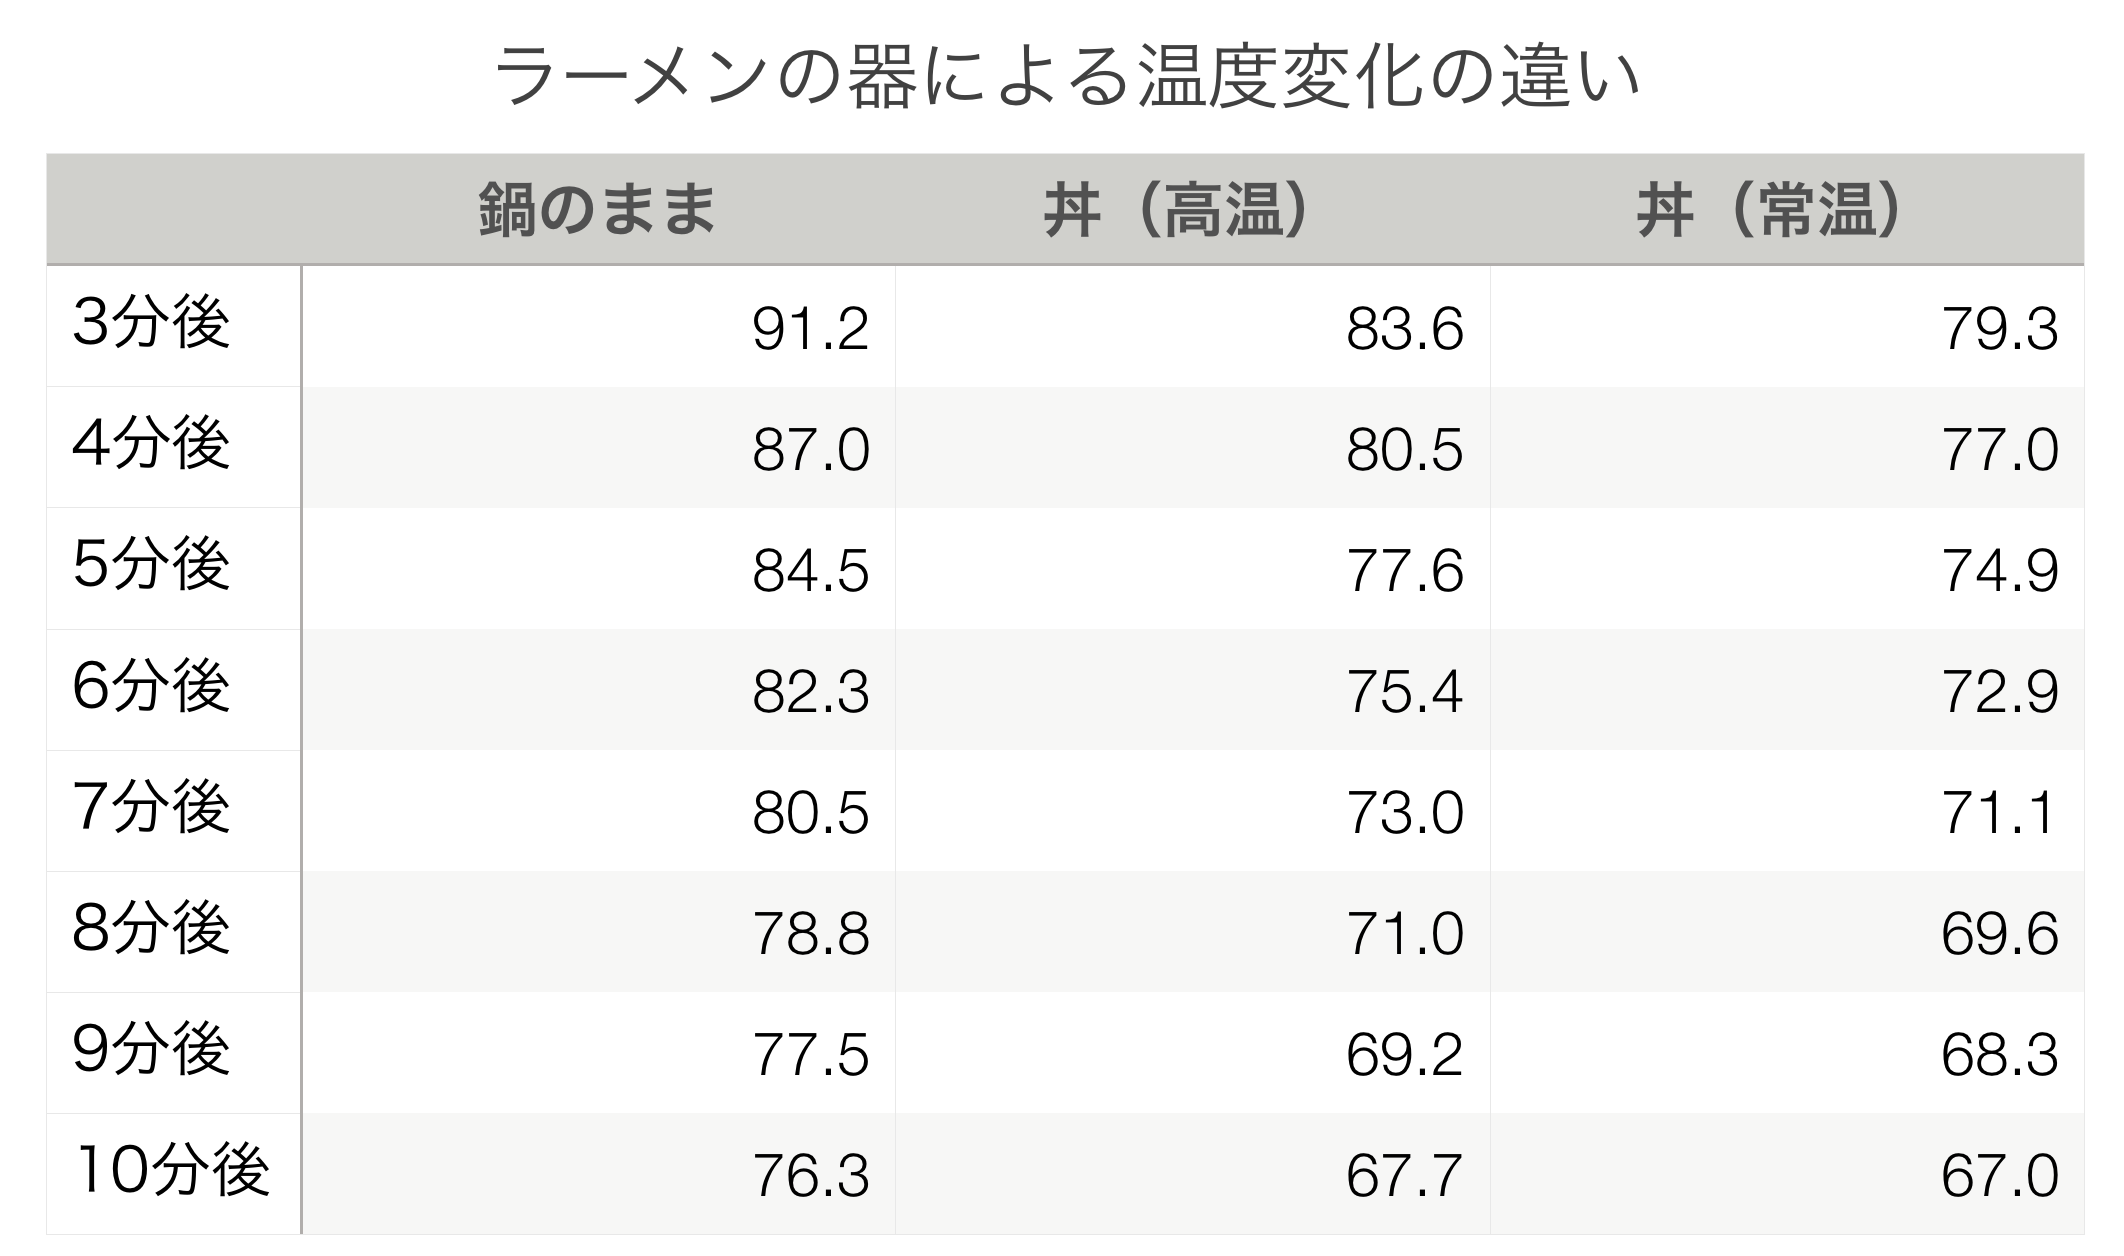 ラーメンの器による温度変化の違い 表